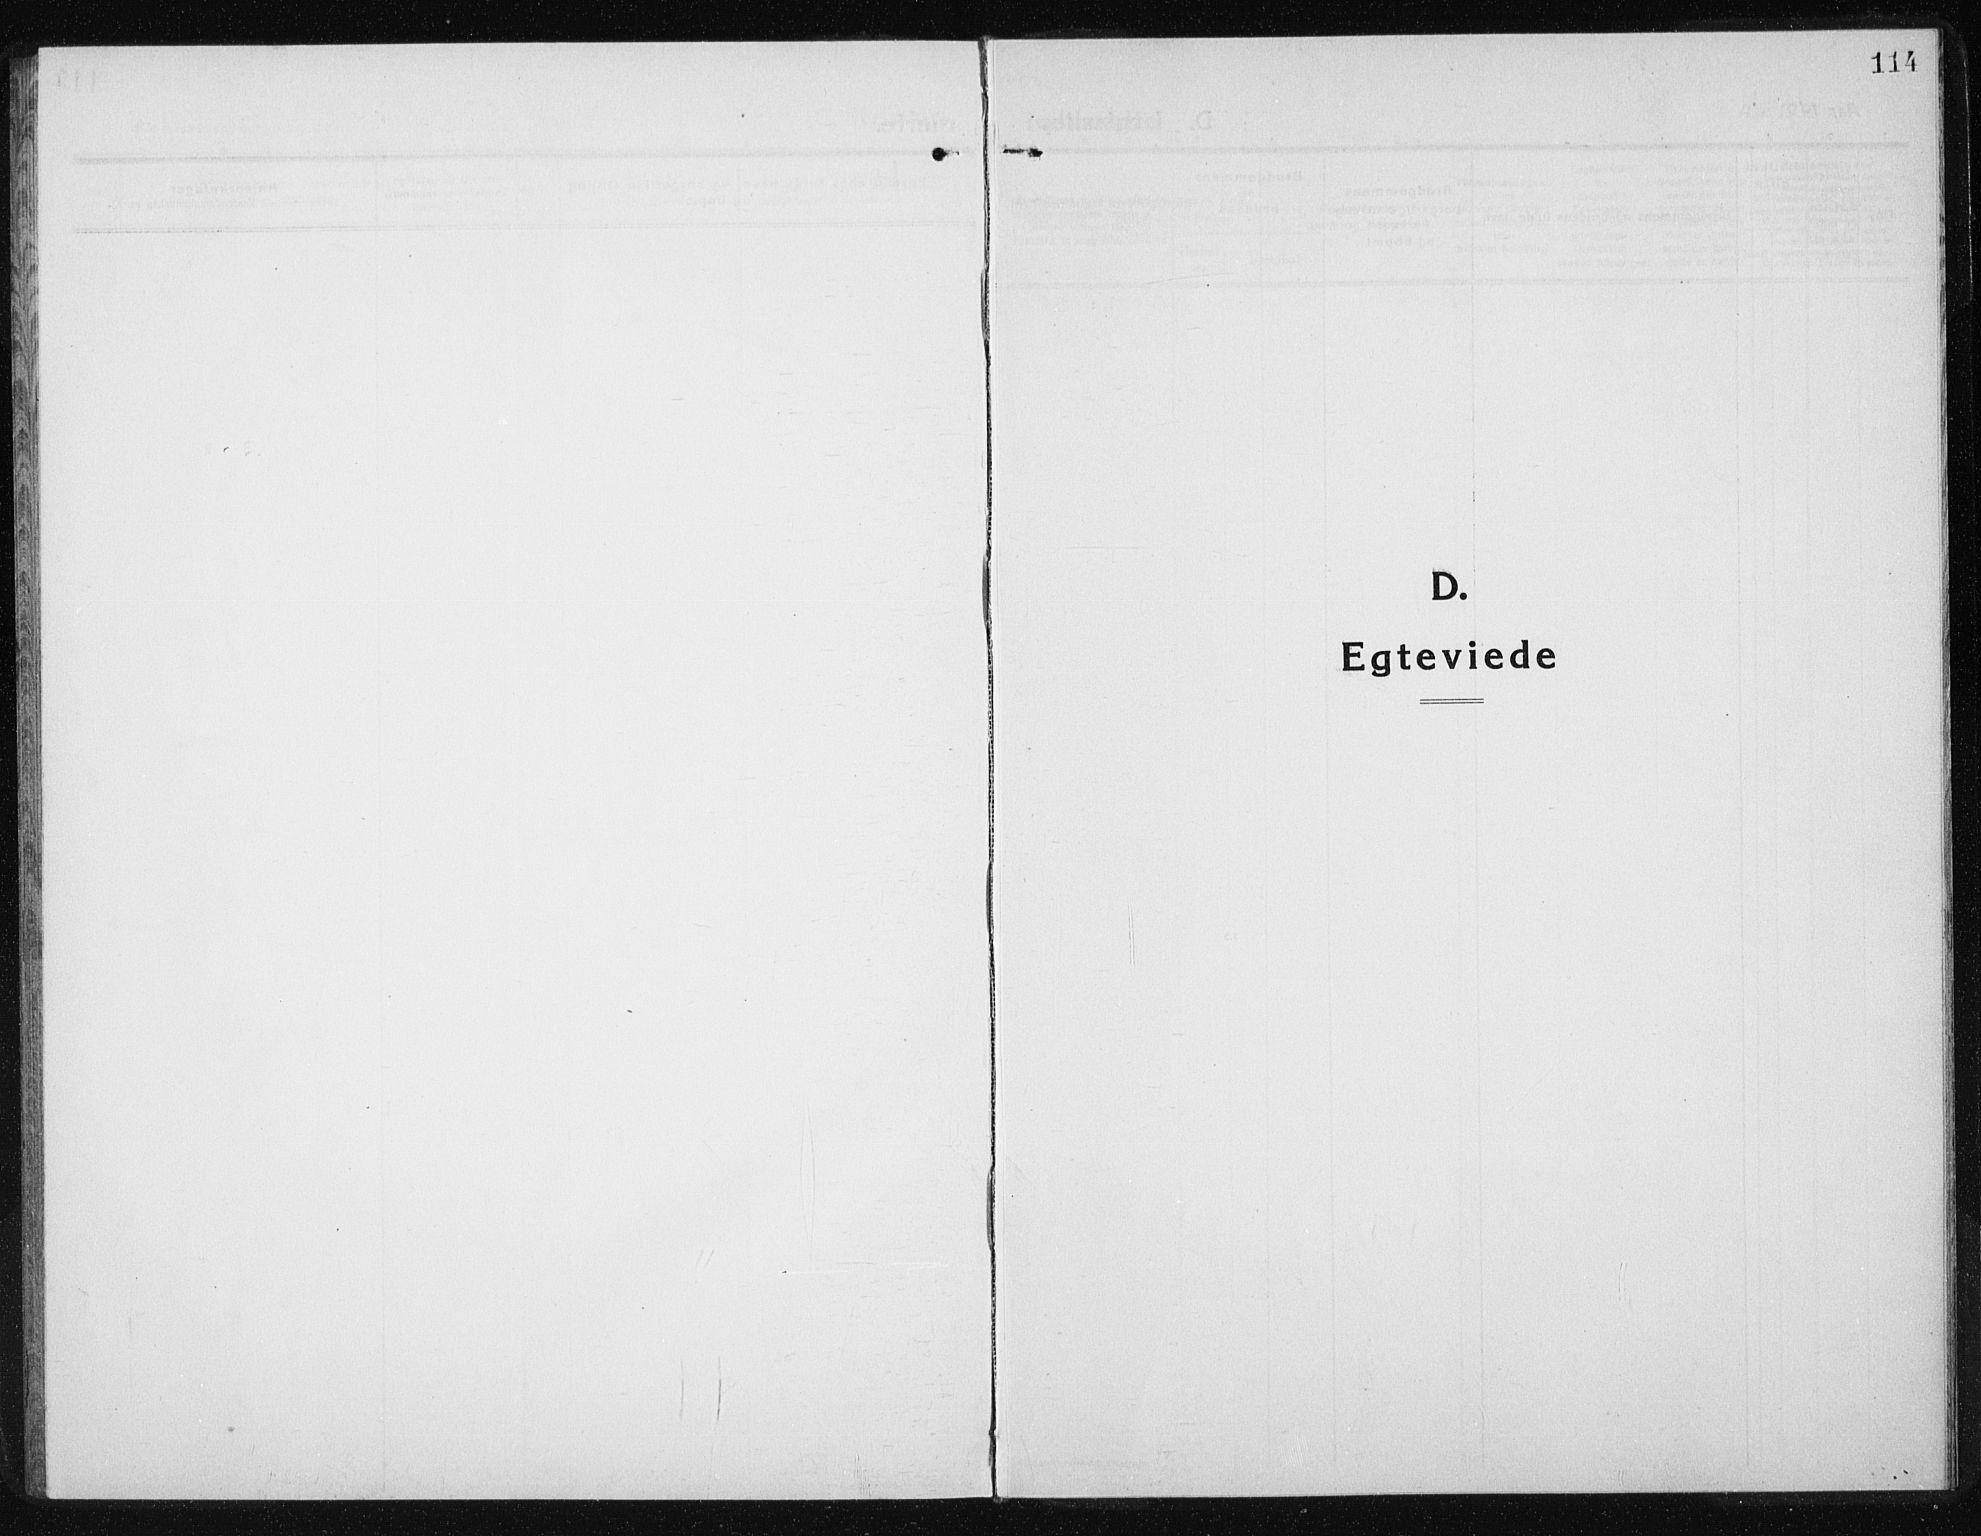 SAT, Ministerialprotokoller, klokkerbøker og fødselsregistre - Sør-Trøndelag, 631/L0515: Klokkerbok nr. 631C03, 1913-1939, s. 114